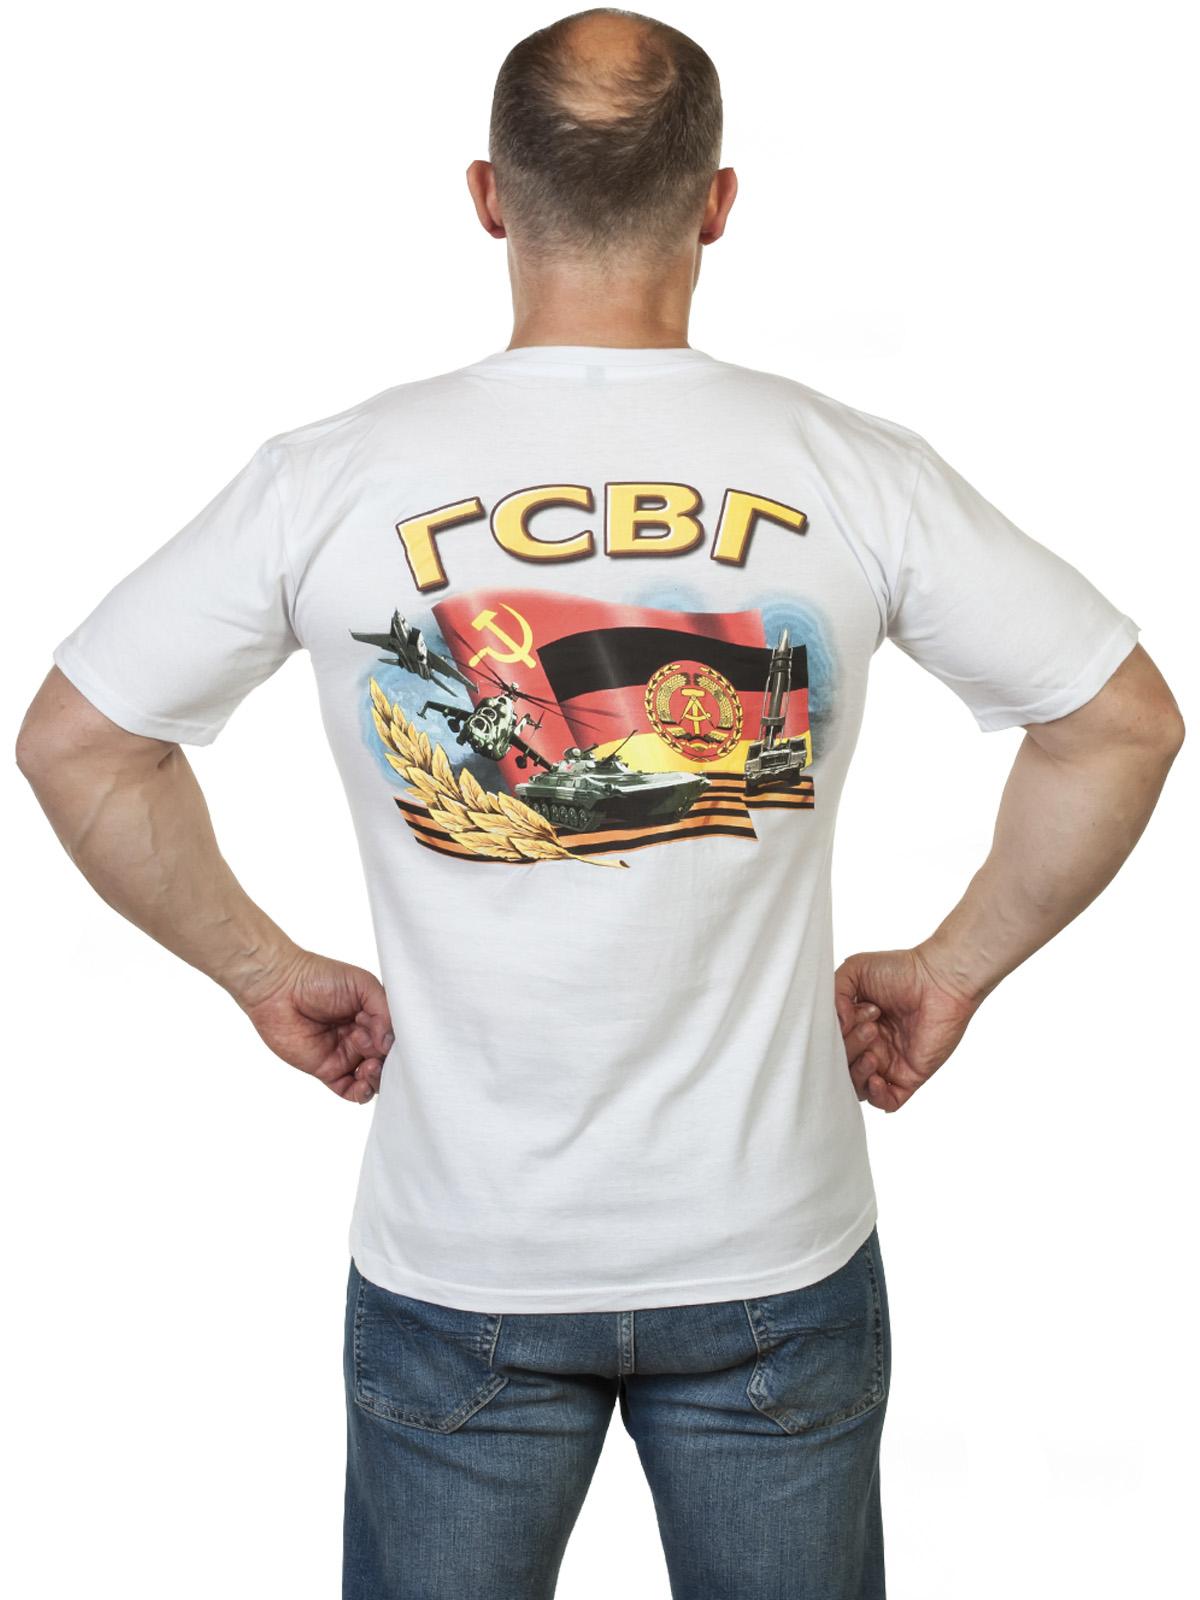 Хлопковая футболка с принтом ГСВГ от Военпро